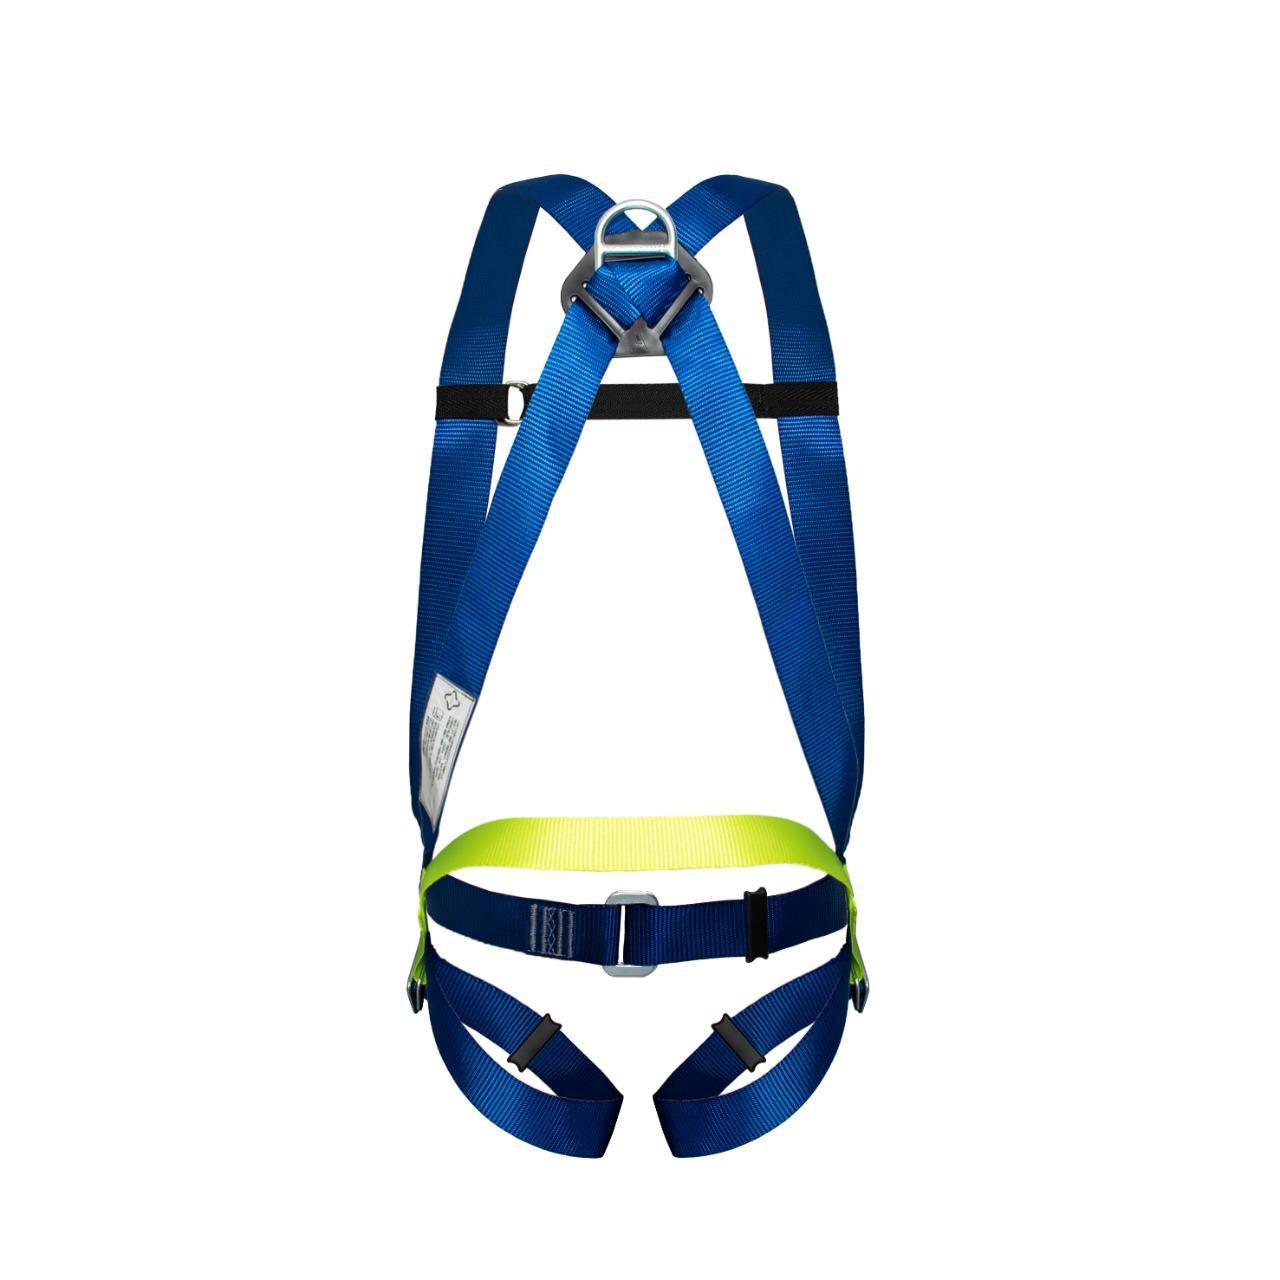 Cinturão Paraquedista 1 Ponto + Talabarte Y Com ABS 55